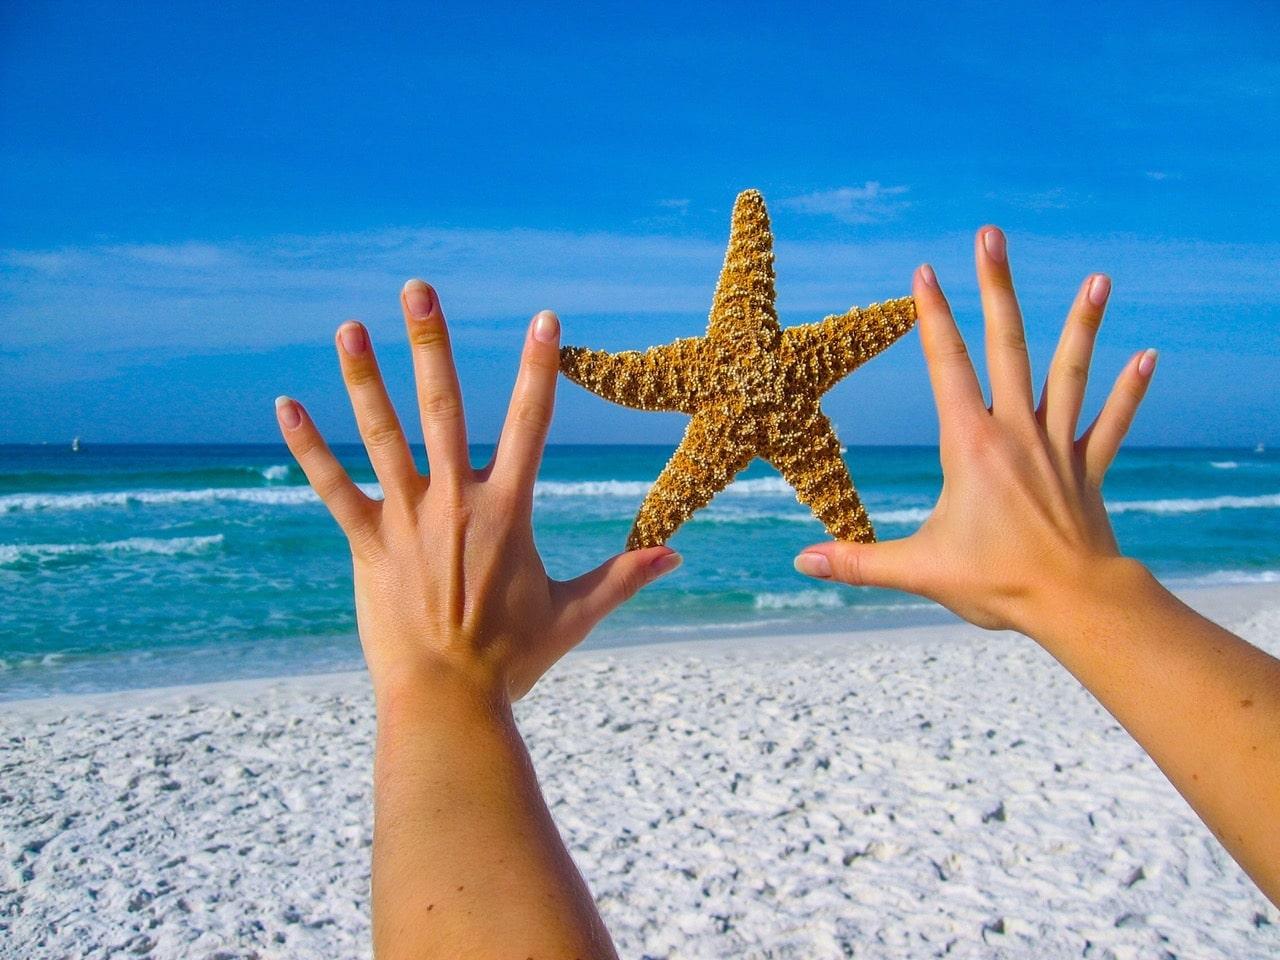 Bessere Urlaubsfotos - Reiseratgeber Reiseagentur Urlaubsengel